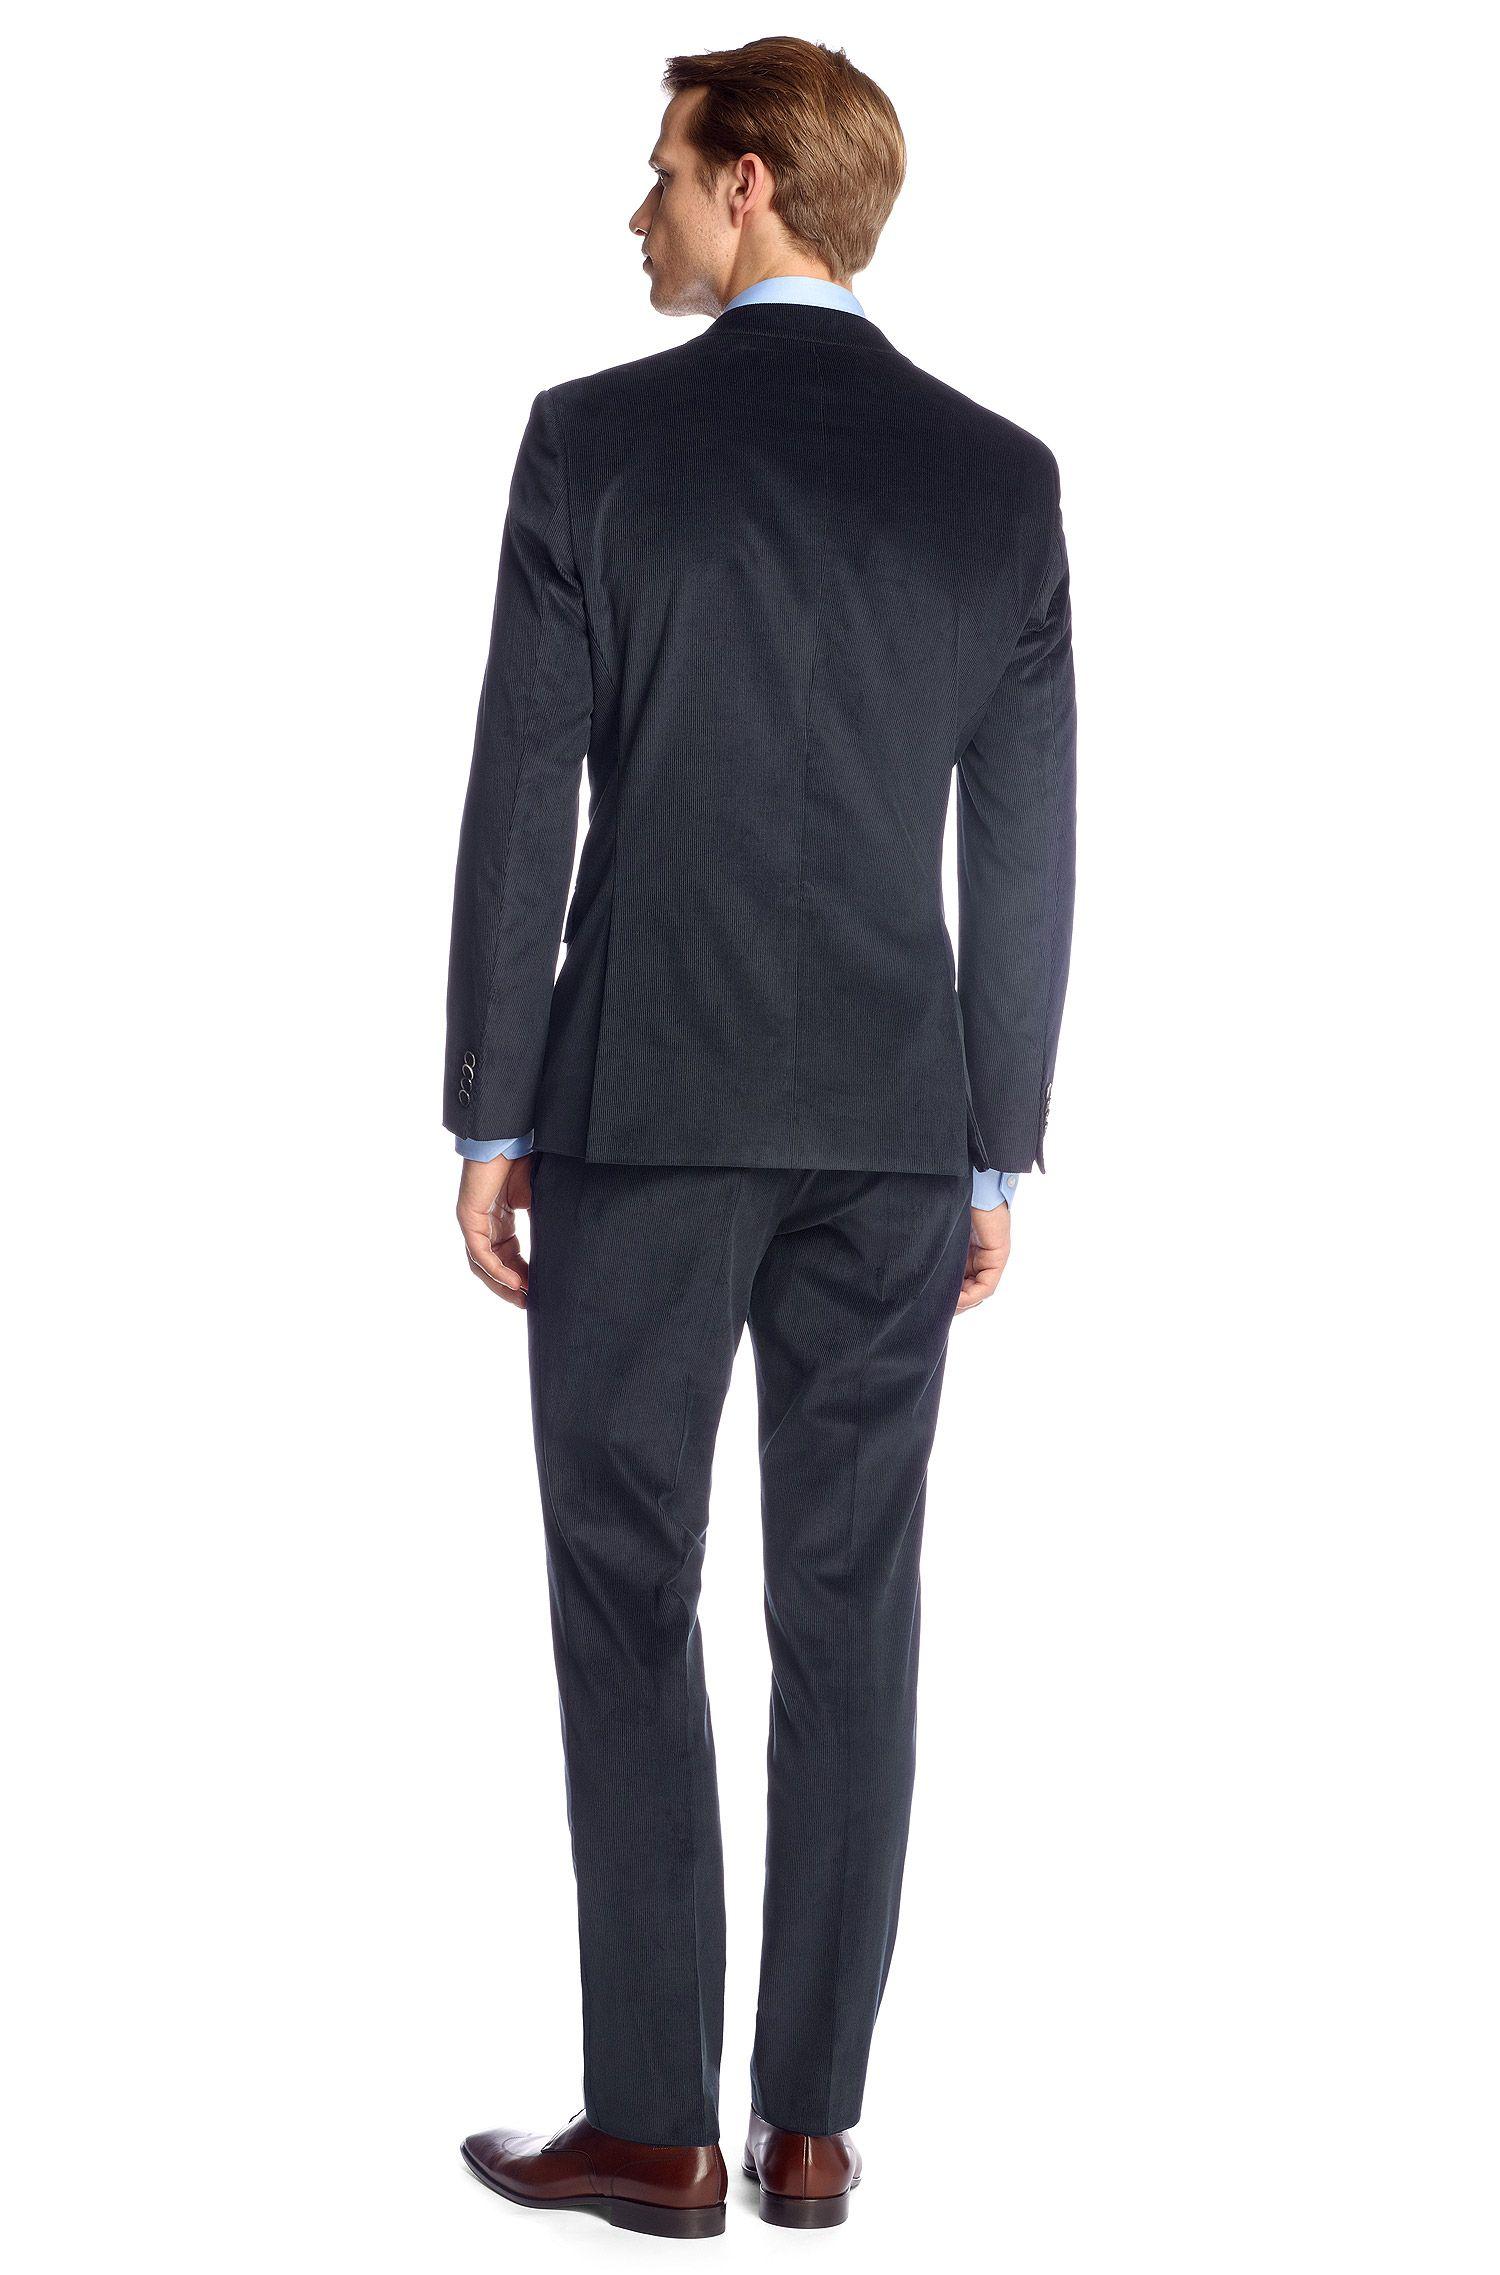 Costume en velours côtelé, Hedge2/Gense1